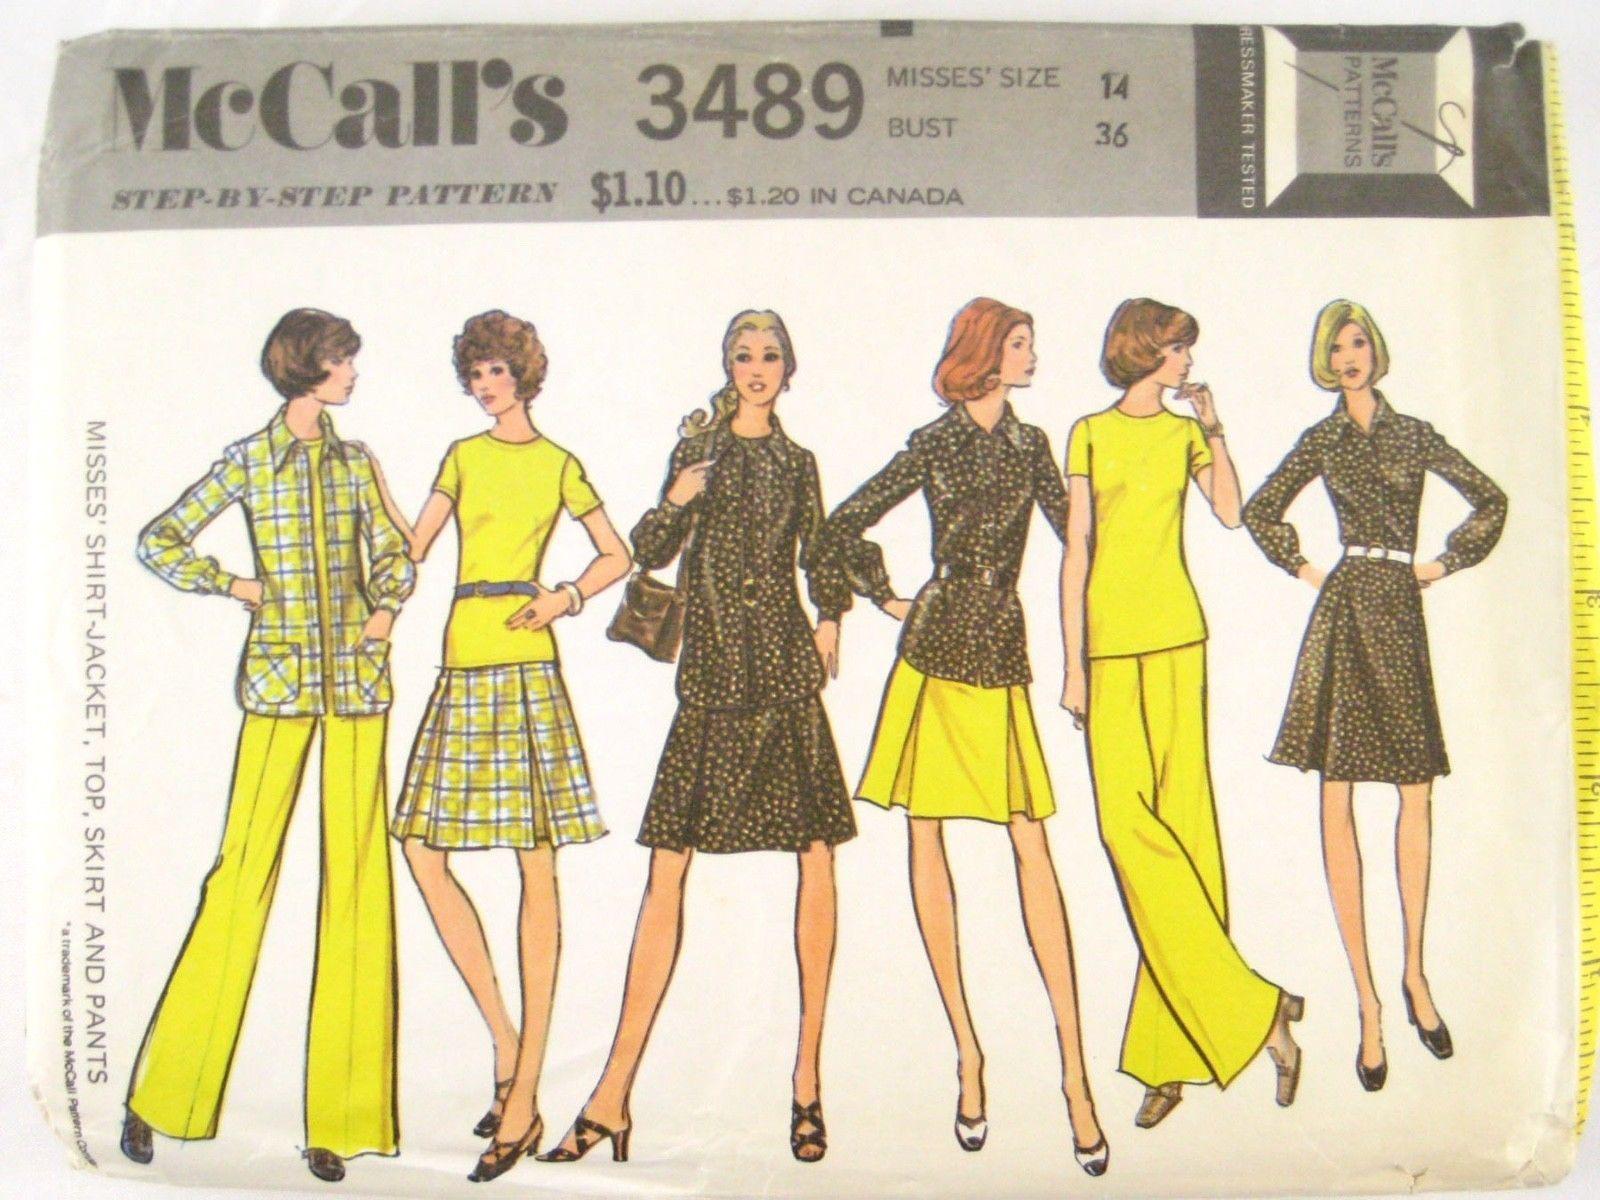 Vtg McCalls 3489 Misses Long Short Sleeve Shirt Top Flared Skirt Pants 14/36